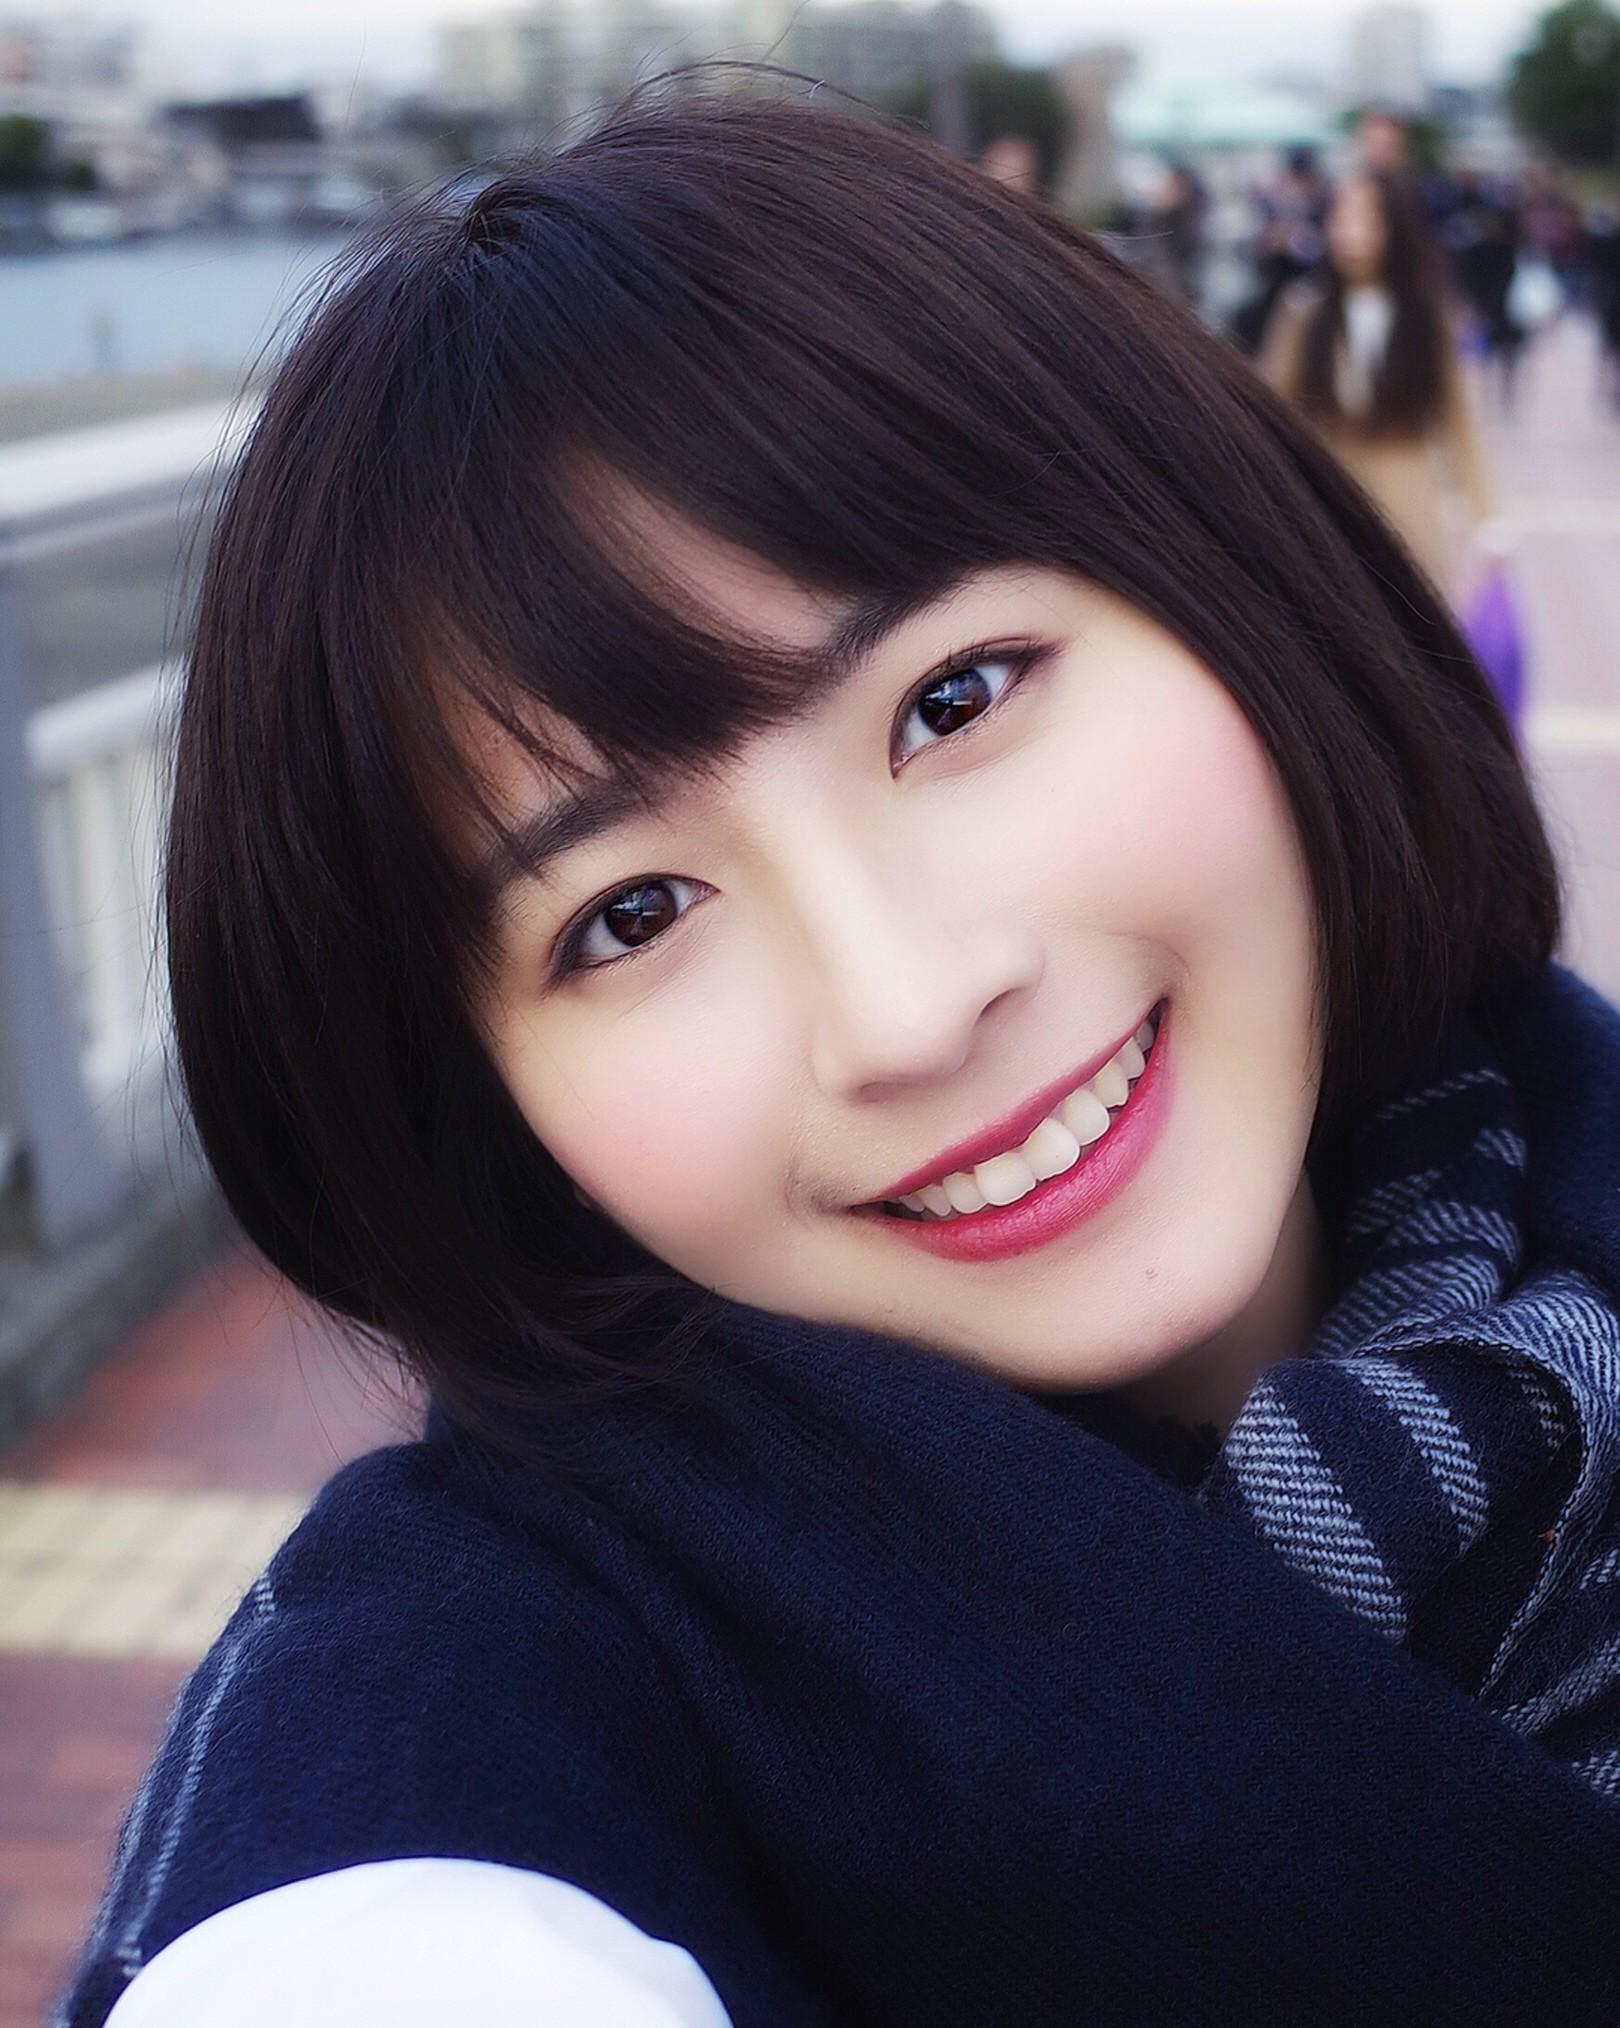 VZN News: 5 mỹ nhân tóc ngắn hot nhất Jbiz: Đây chính là lý do vẻ đẹp ngây thơ, trong sáng của con gái Nhật là thiên hạ vô địch - Ảnh 25.